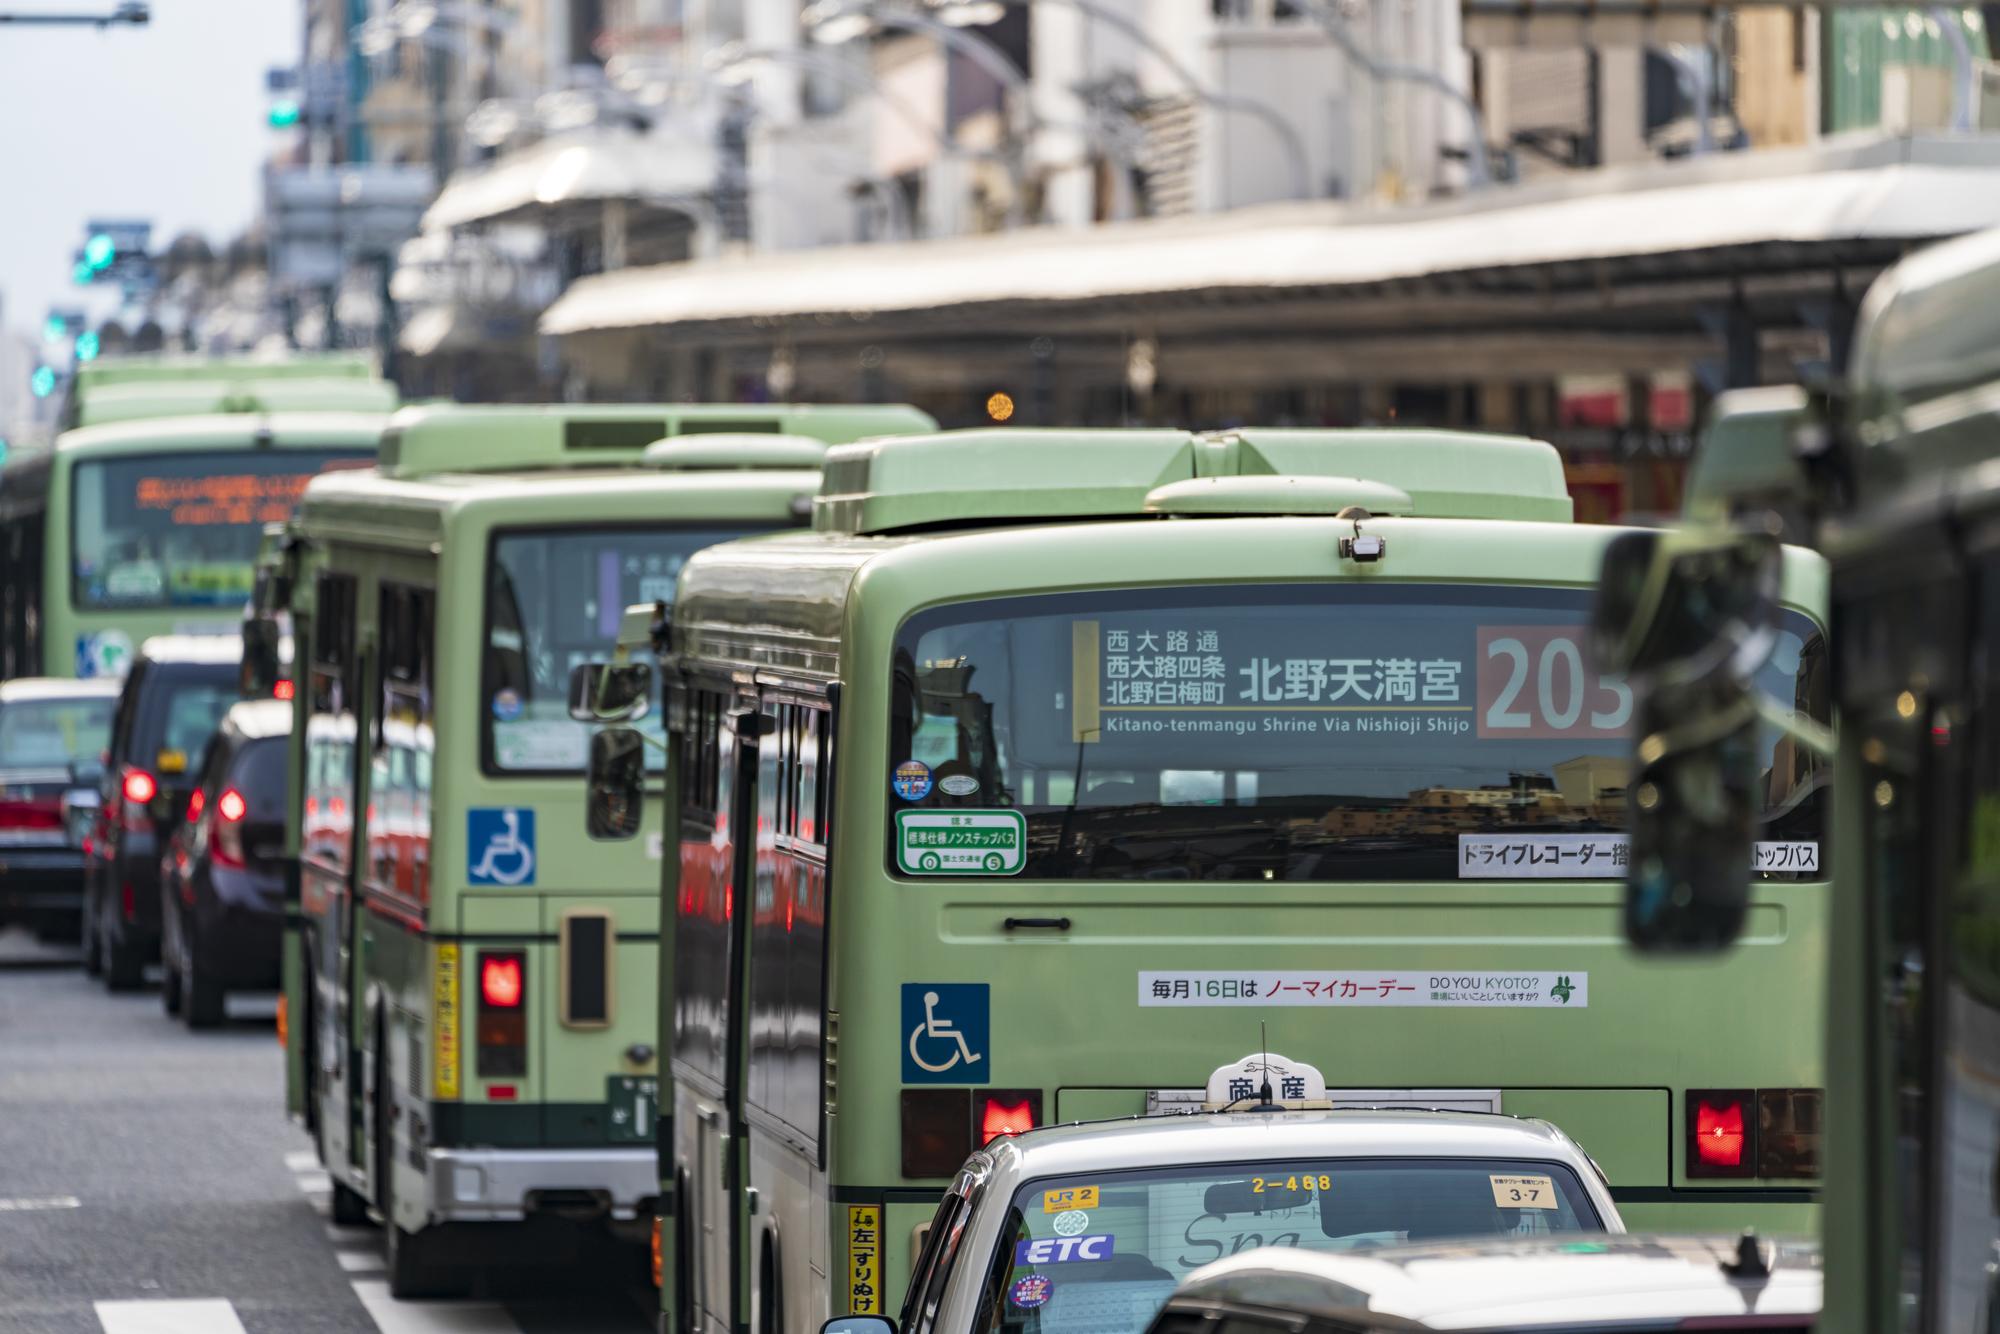 市内路線バスの写真です。